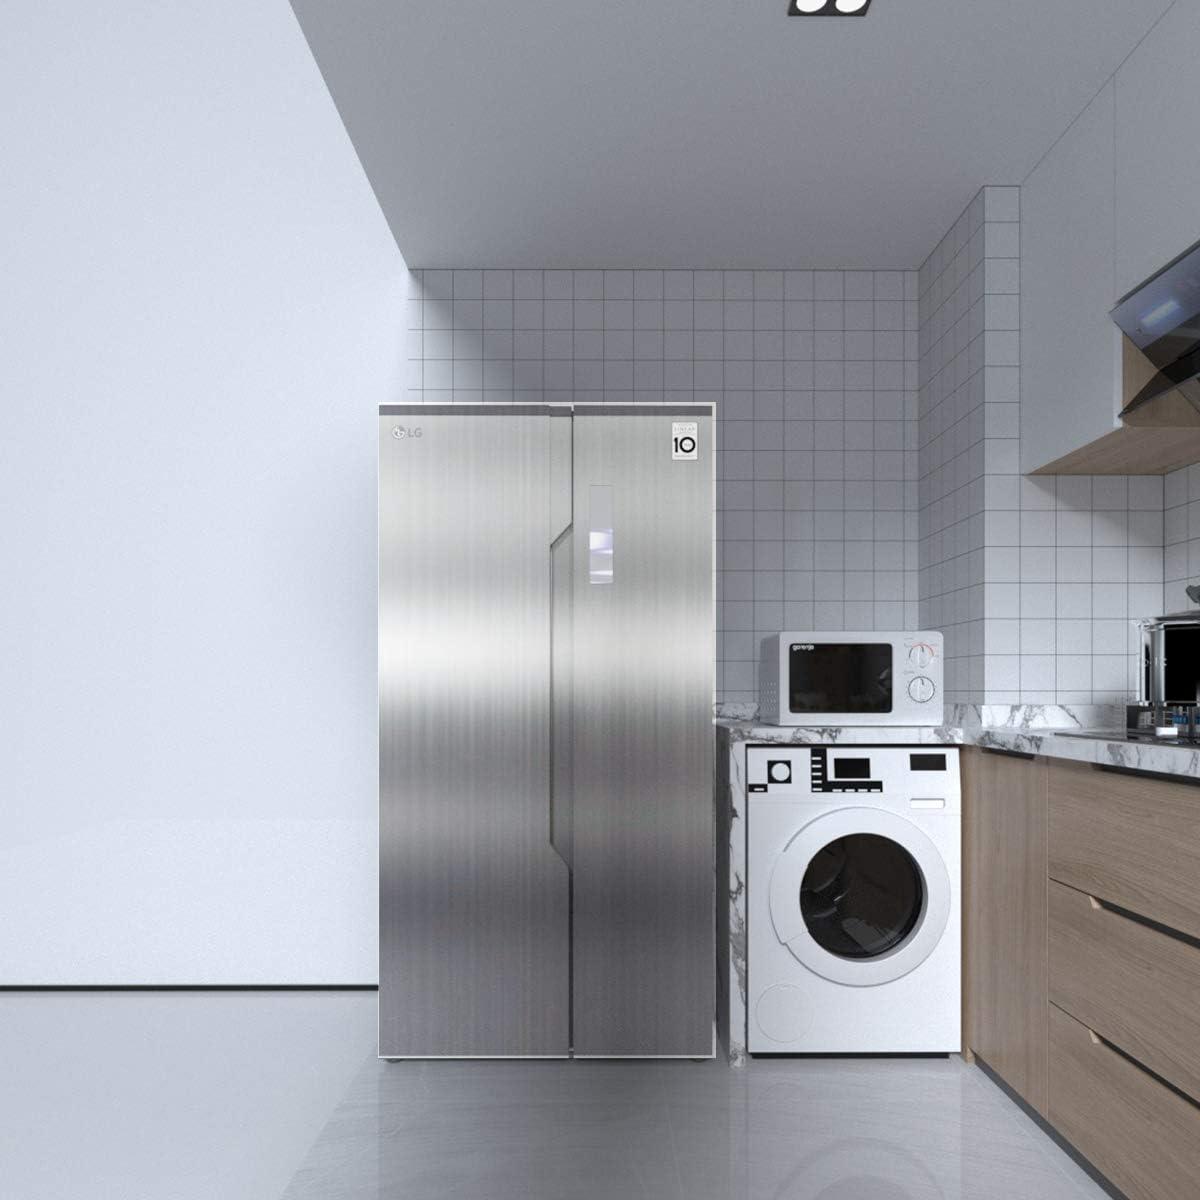 TOTIO Pegatinas de acero inoxidable cepillado para cocina estufa refrigerador plata película autoadhesiva de vinilo estante revestimiento de papel de contacto adhesivo adhesivo de plástico: Amazon.es: Bricolaje y herramientas